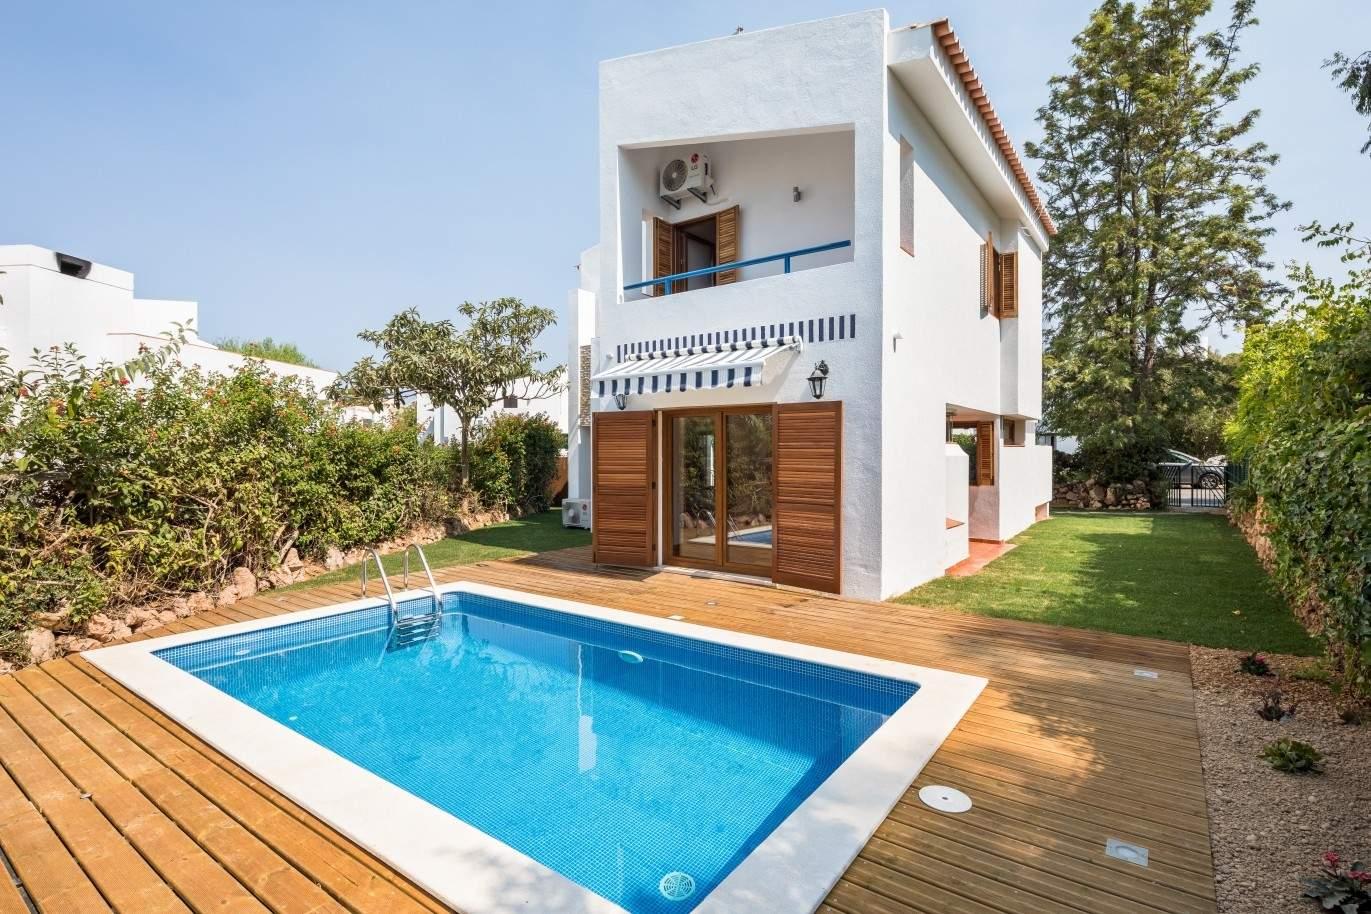 moradia-com-terraco-jardim-e-piscina-vilamoura-algarve